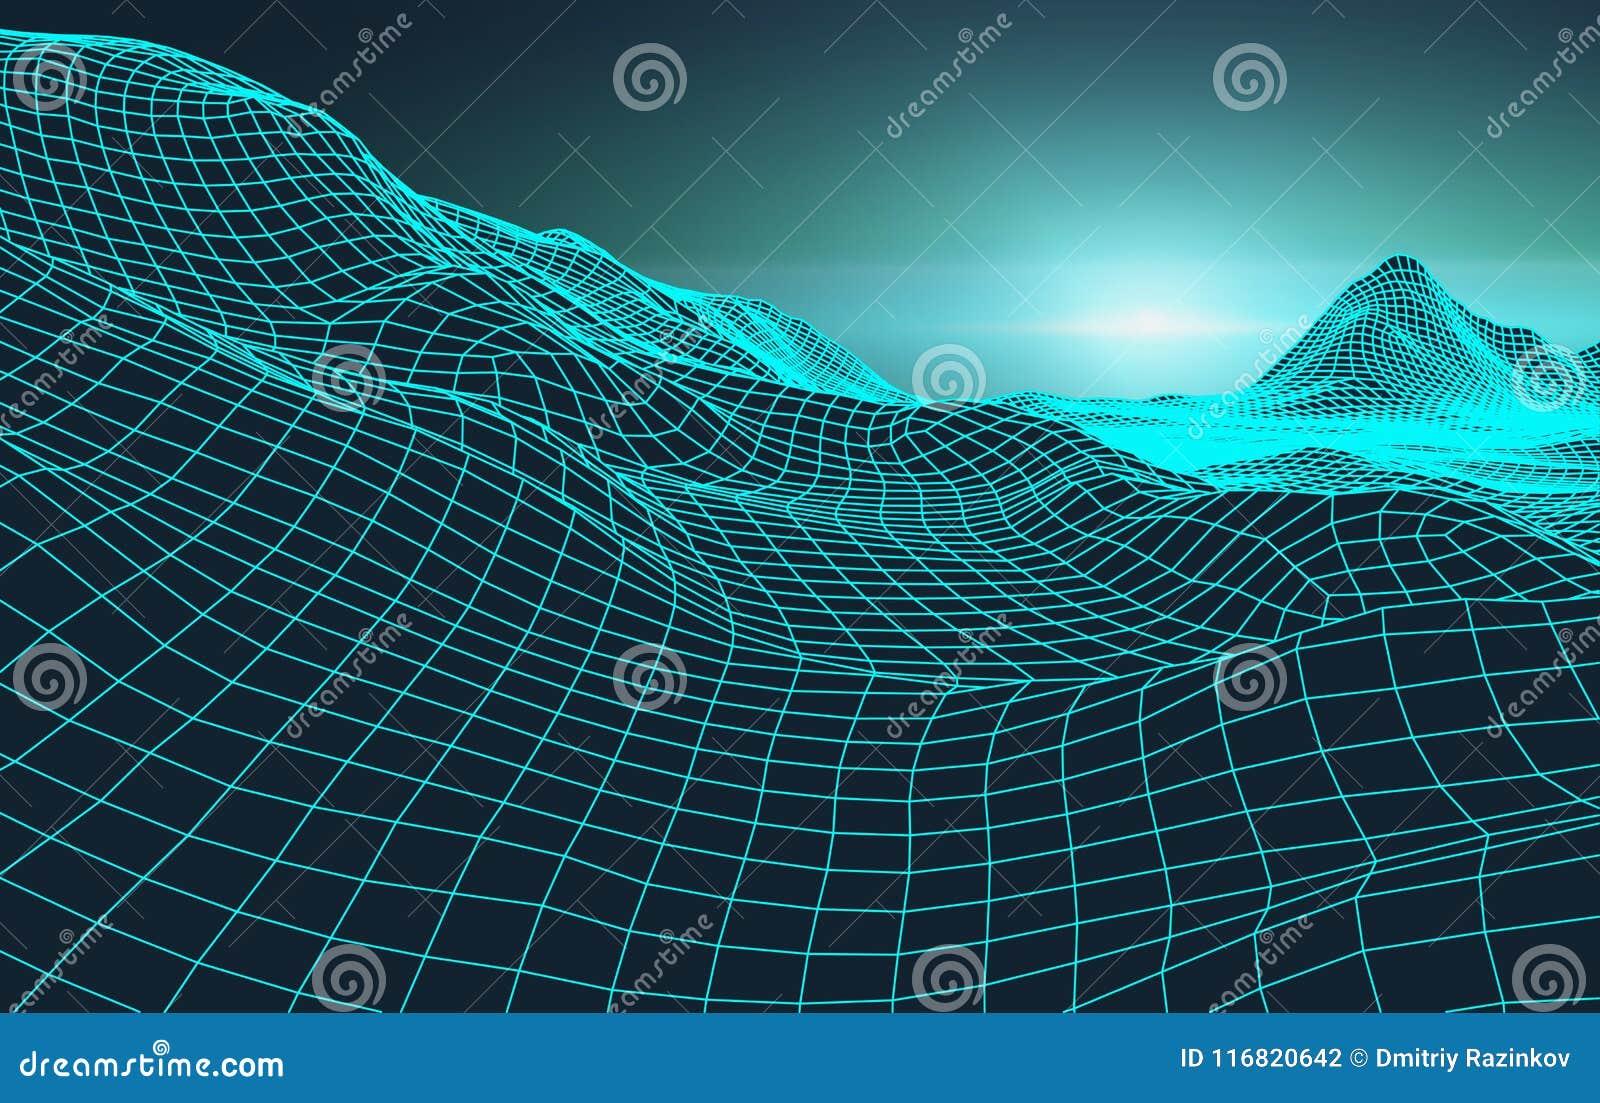 Stile futuristico degli anni 80 del paesaggio del retro fondo Superficie cyber del retro paesaggio di Digital Retro copertura del